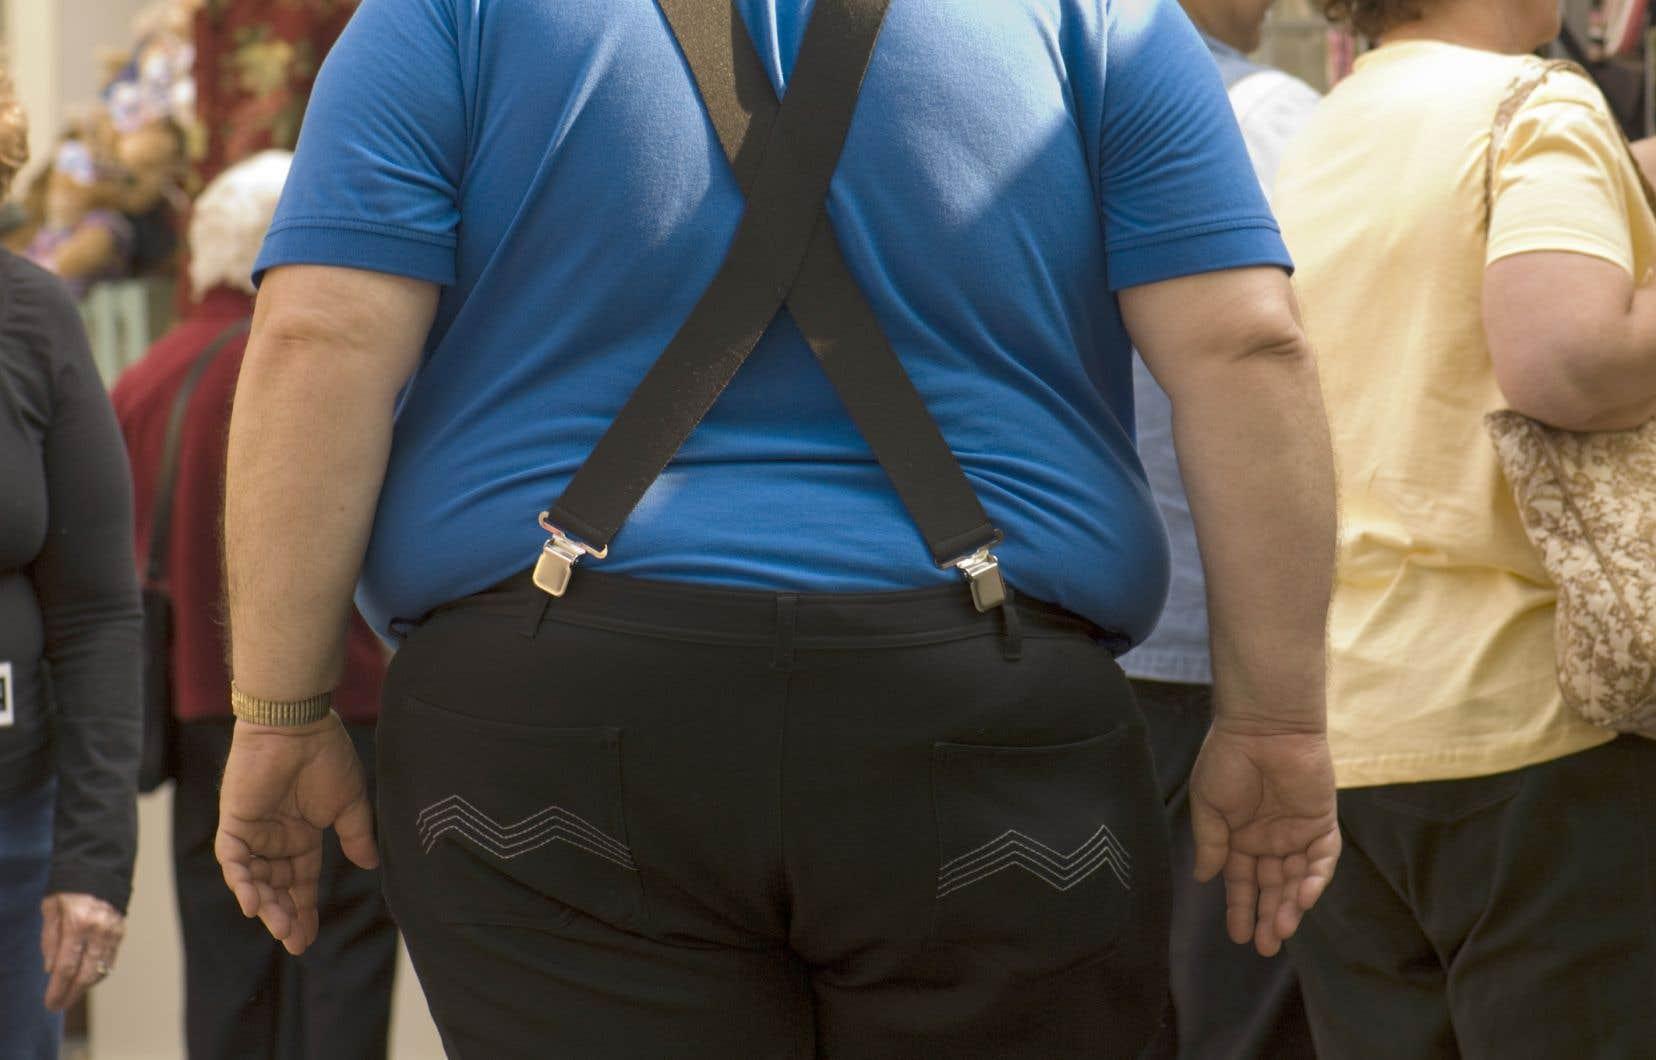 Défi de perte de poids de 5 mois perte de poids de rat de compagnie et respiration lourde